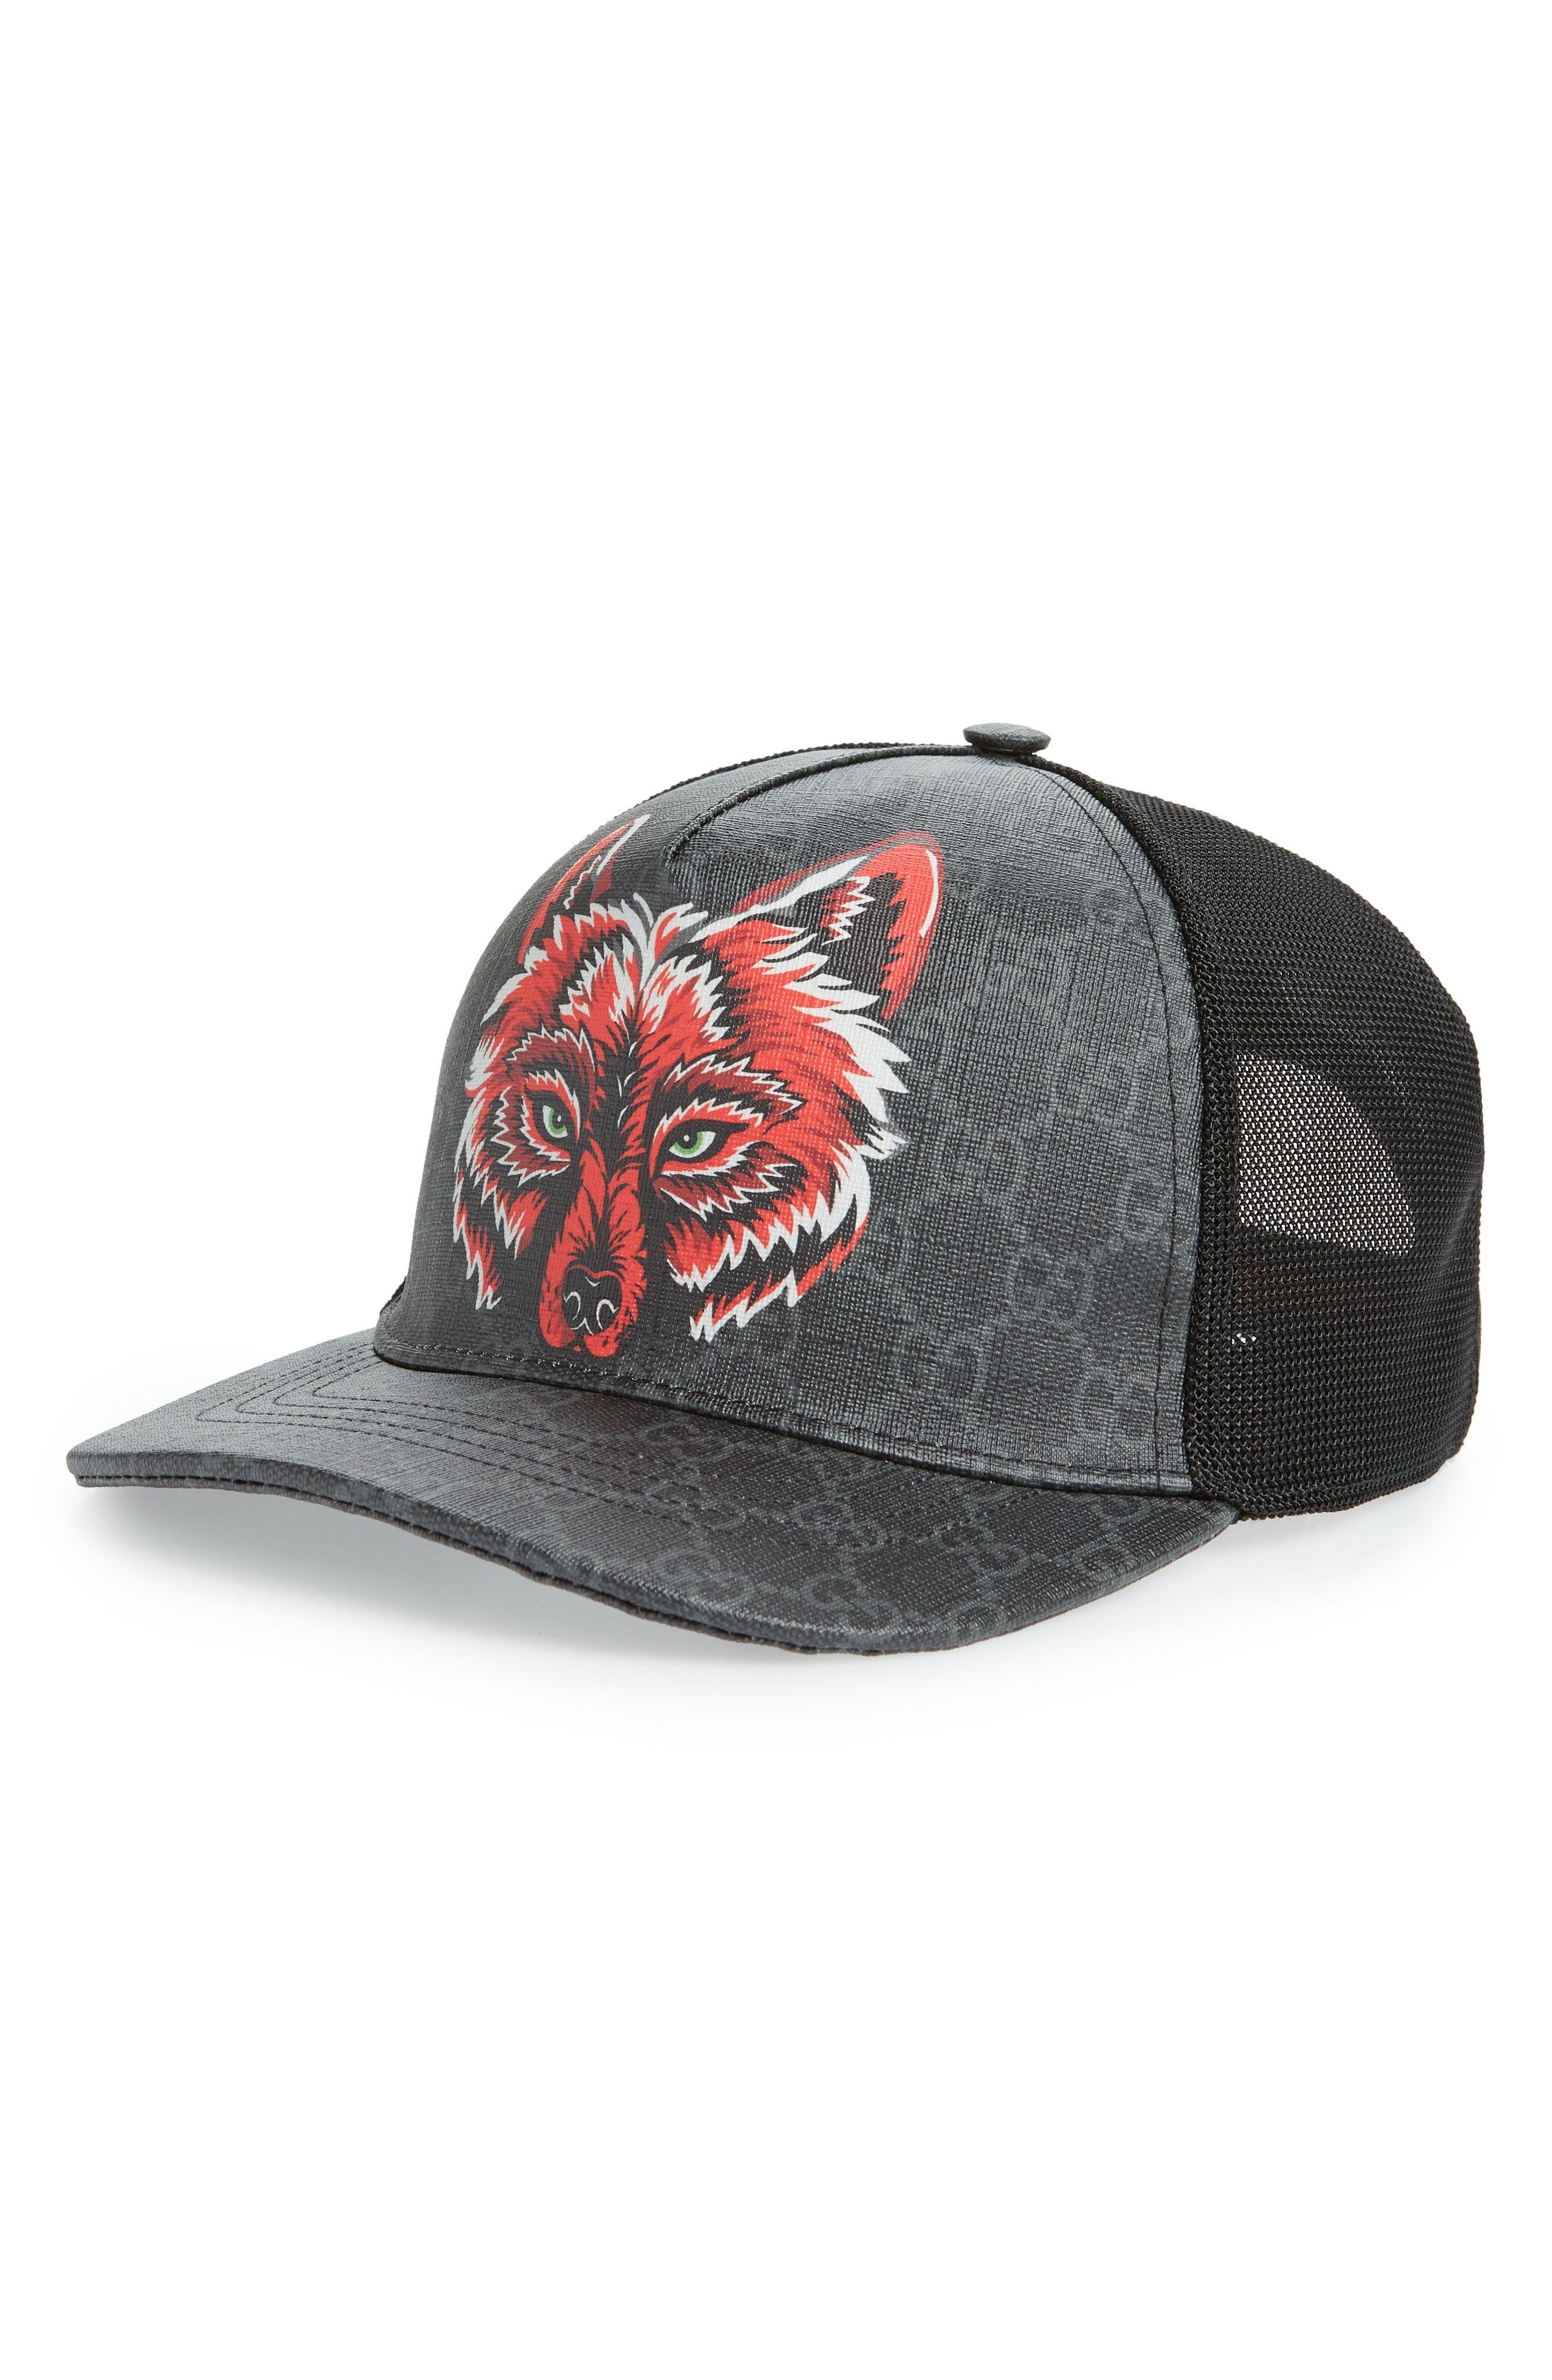 GUCCI GG SUPREME FOX HAT - BLACK.  gucci  7897dcd511a